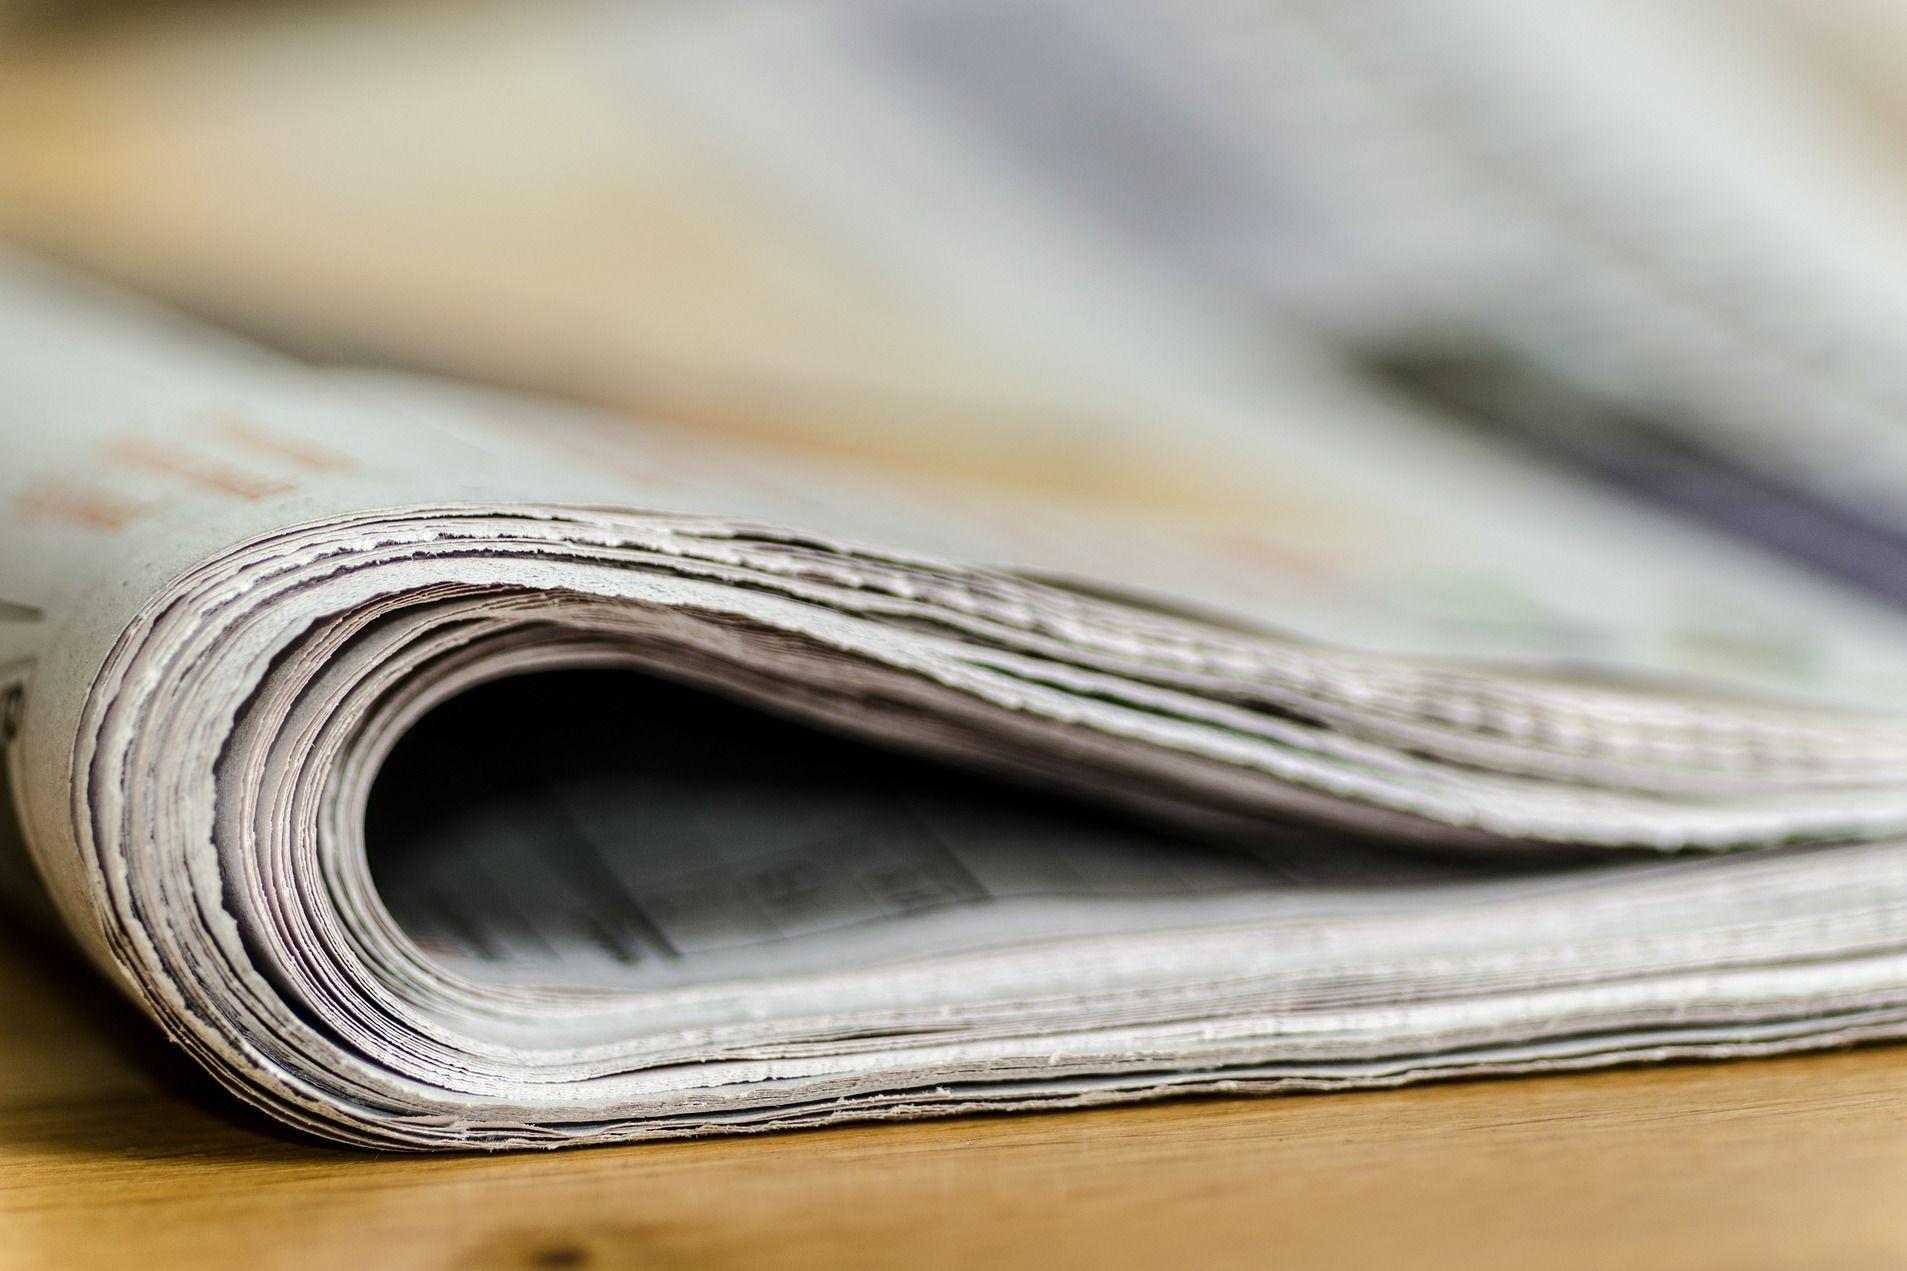 Newspaper v7vvko